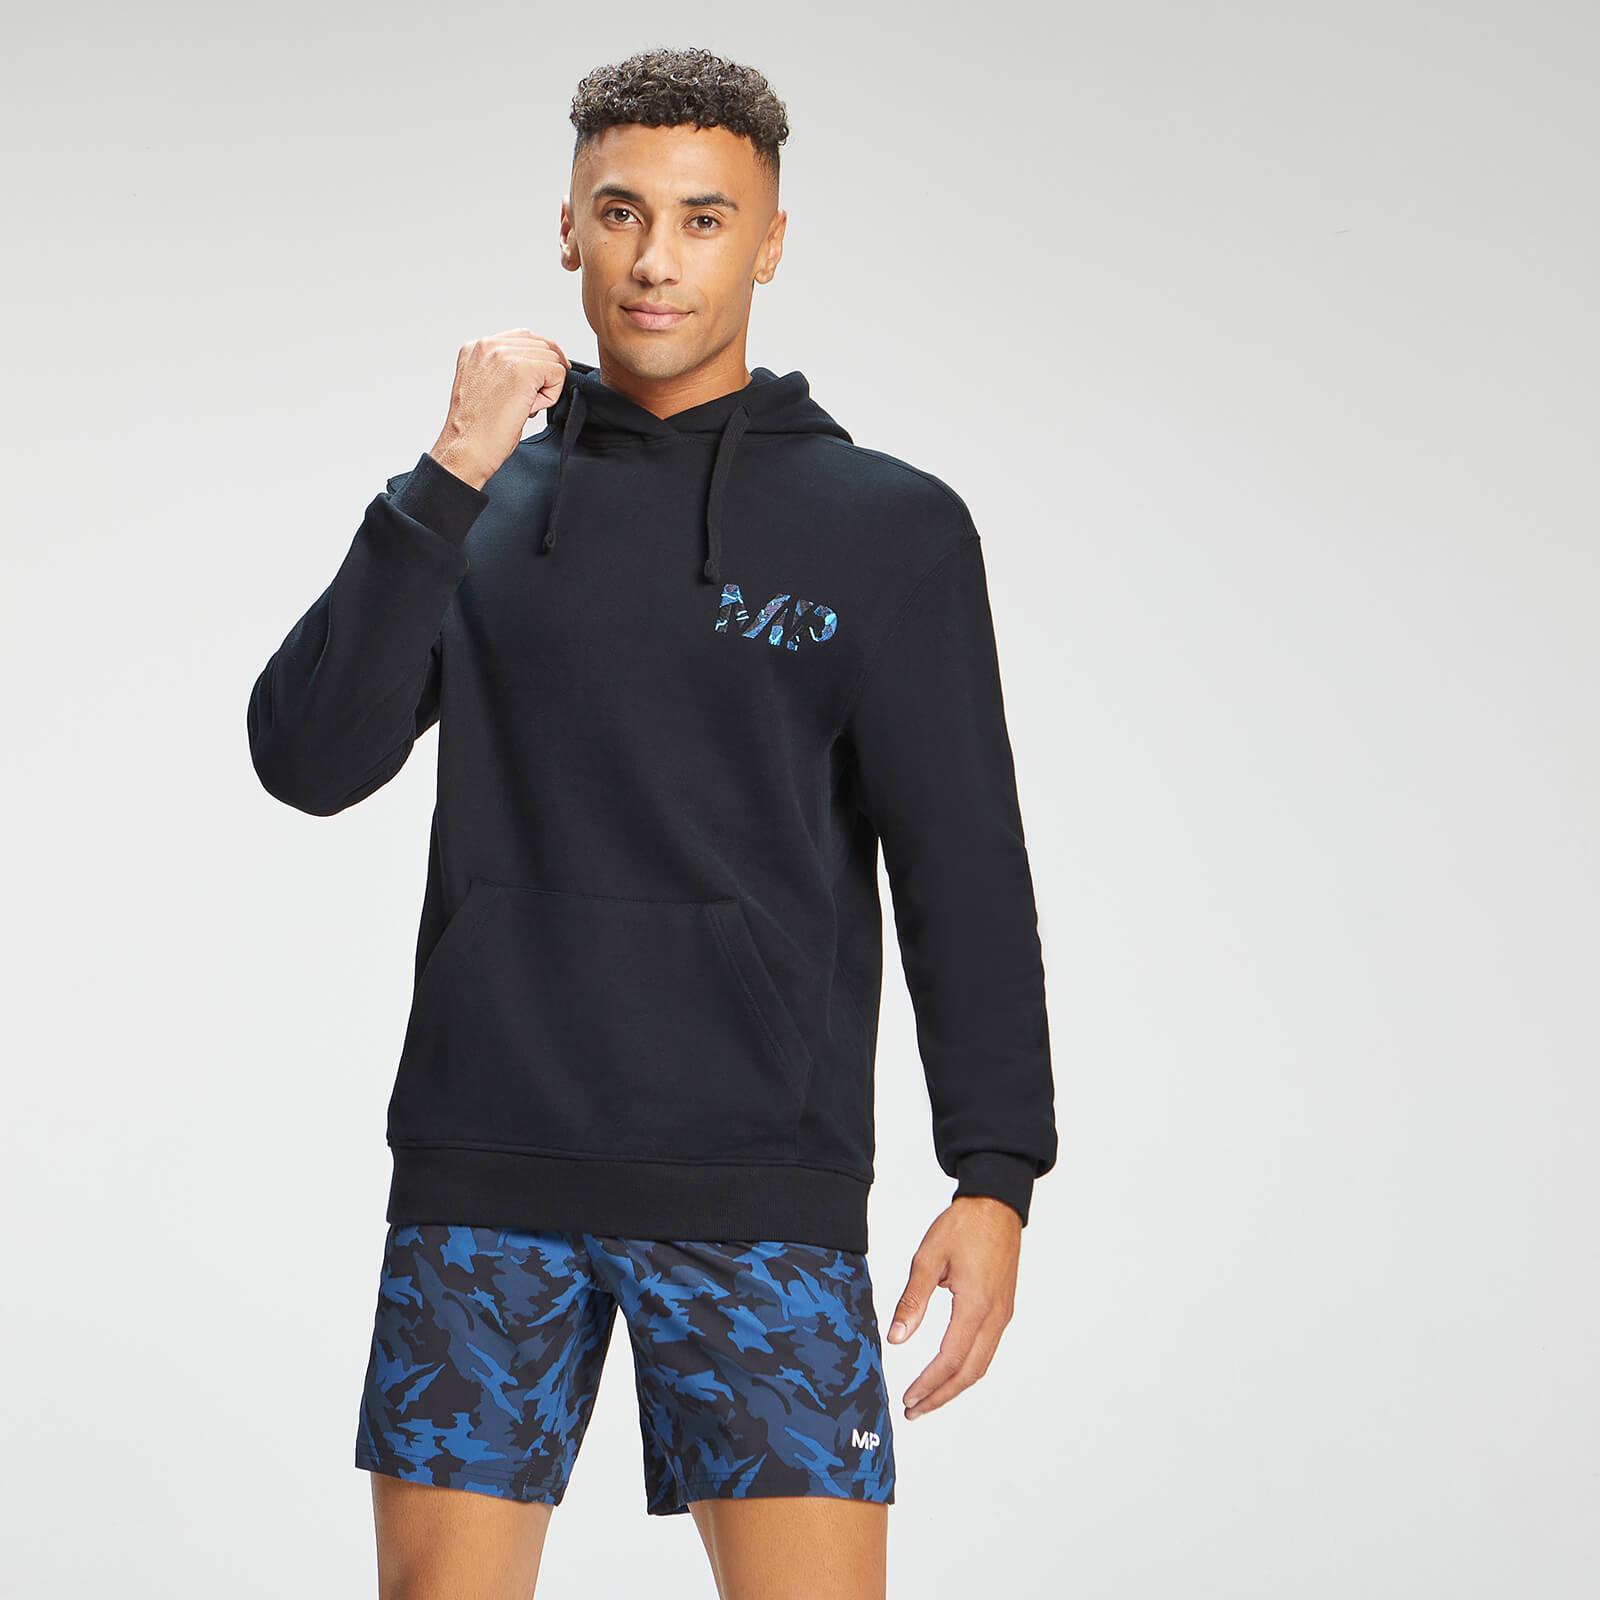 Купить MP Men's Adapt Embroidered Hoodie | Black | MP - S, Myprotein International